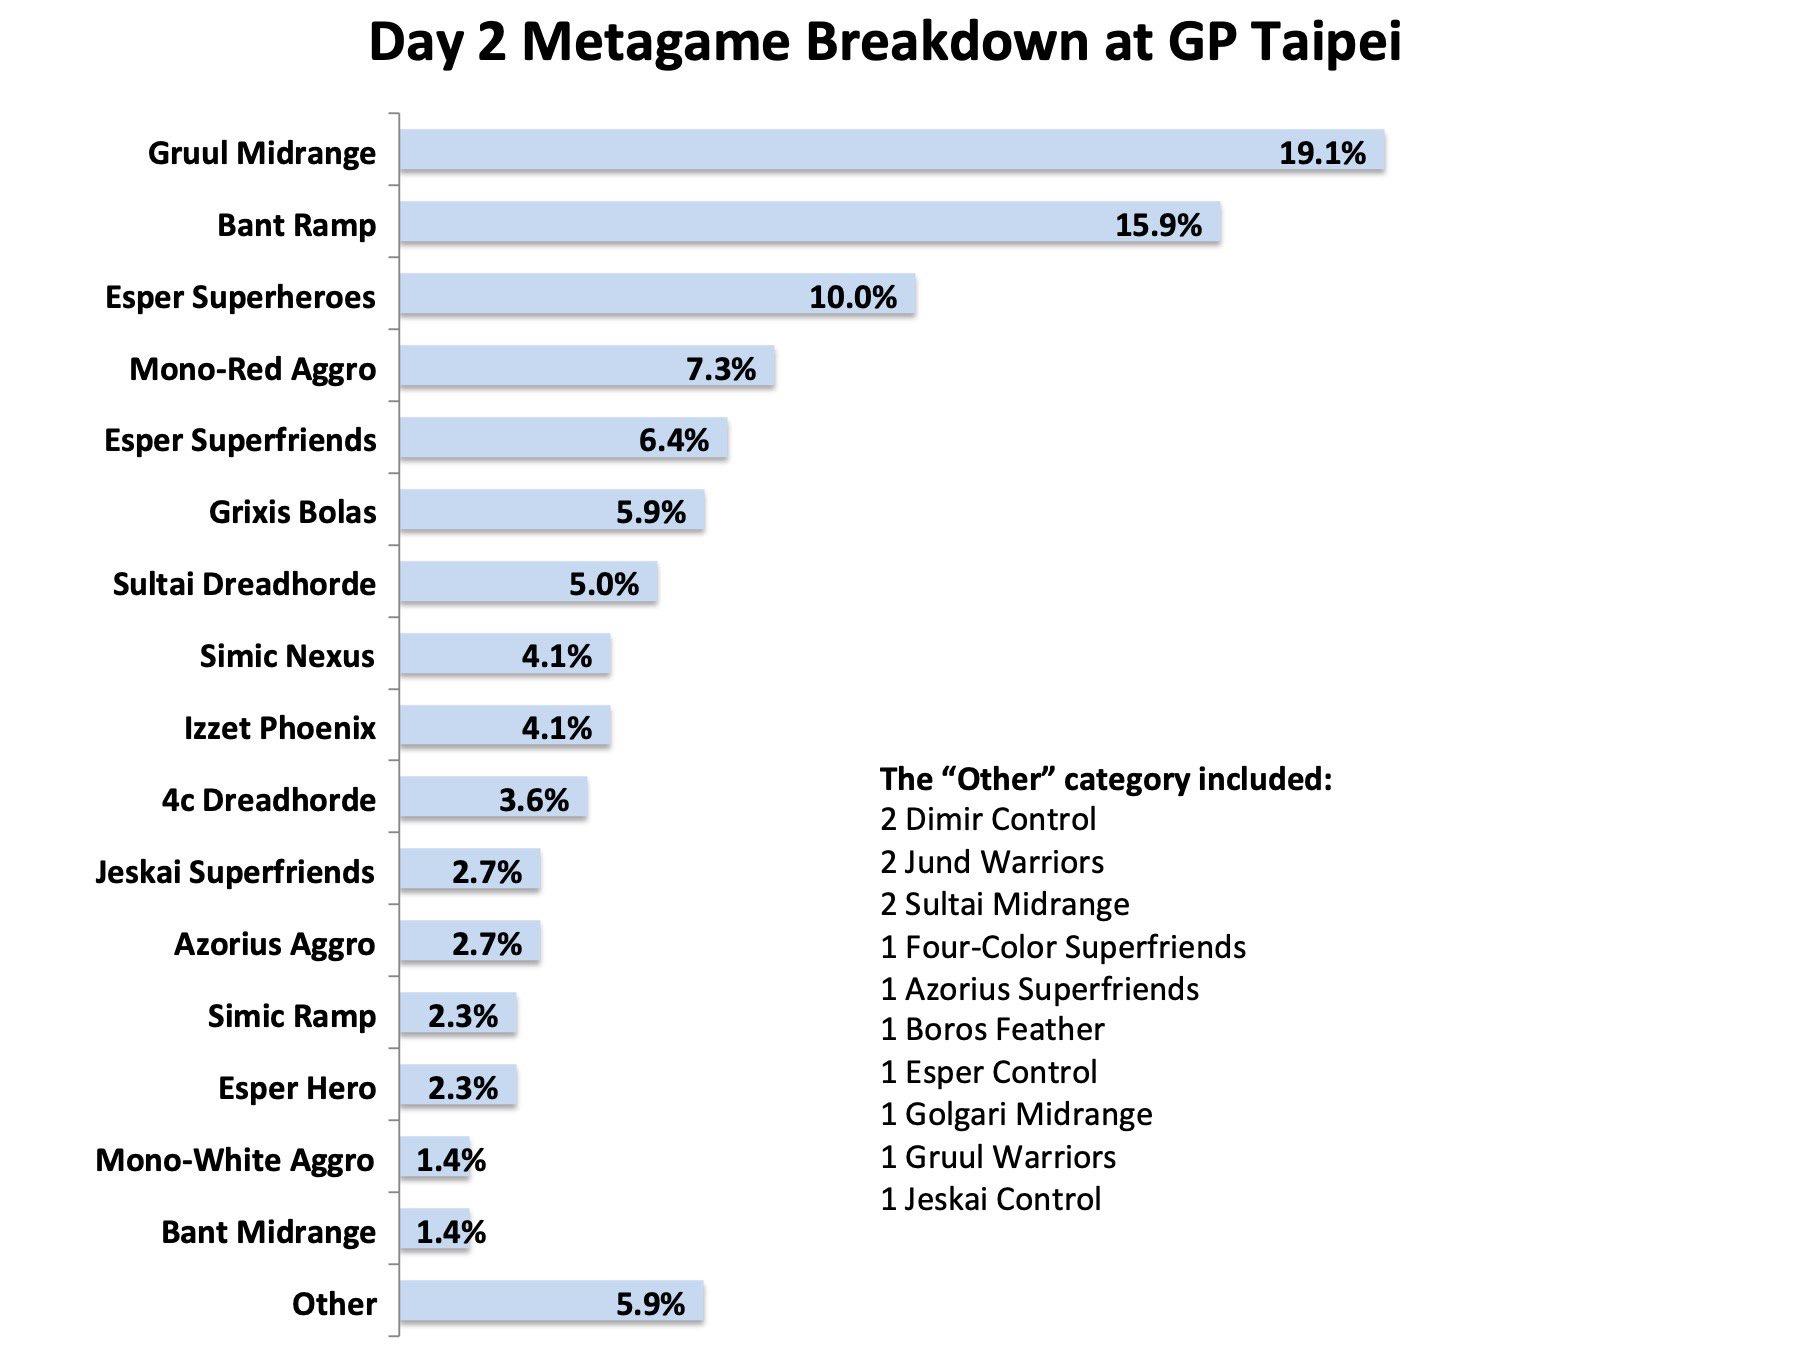 MagicFest Taipei 2019 Day 2 Metagame Breakdown